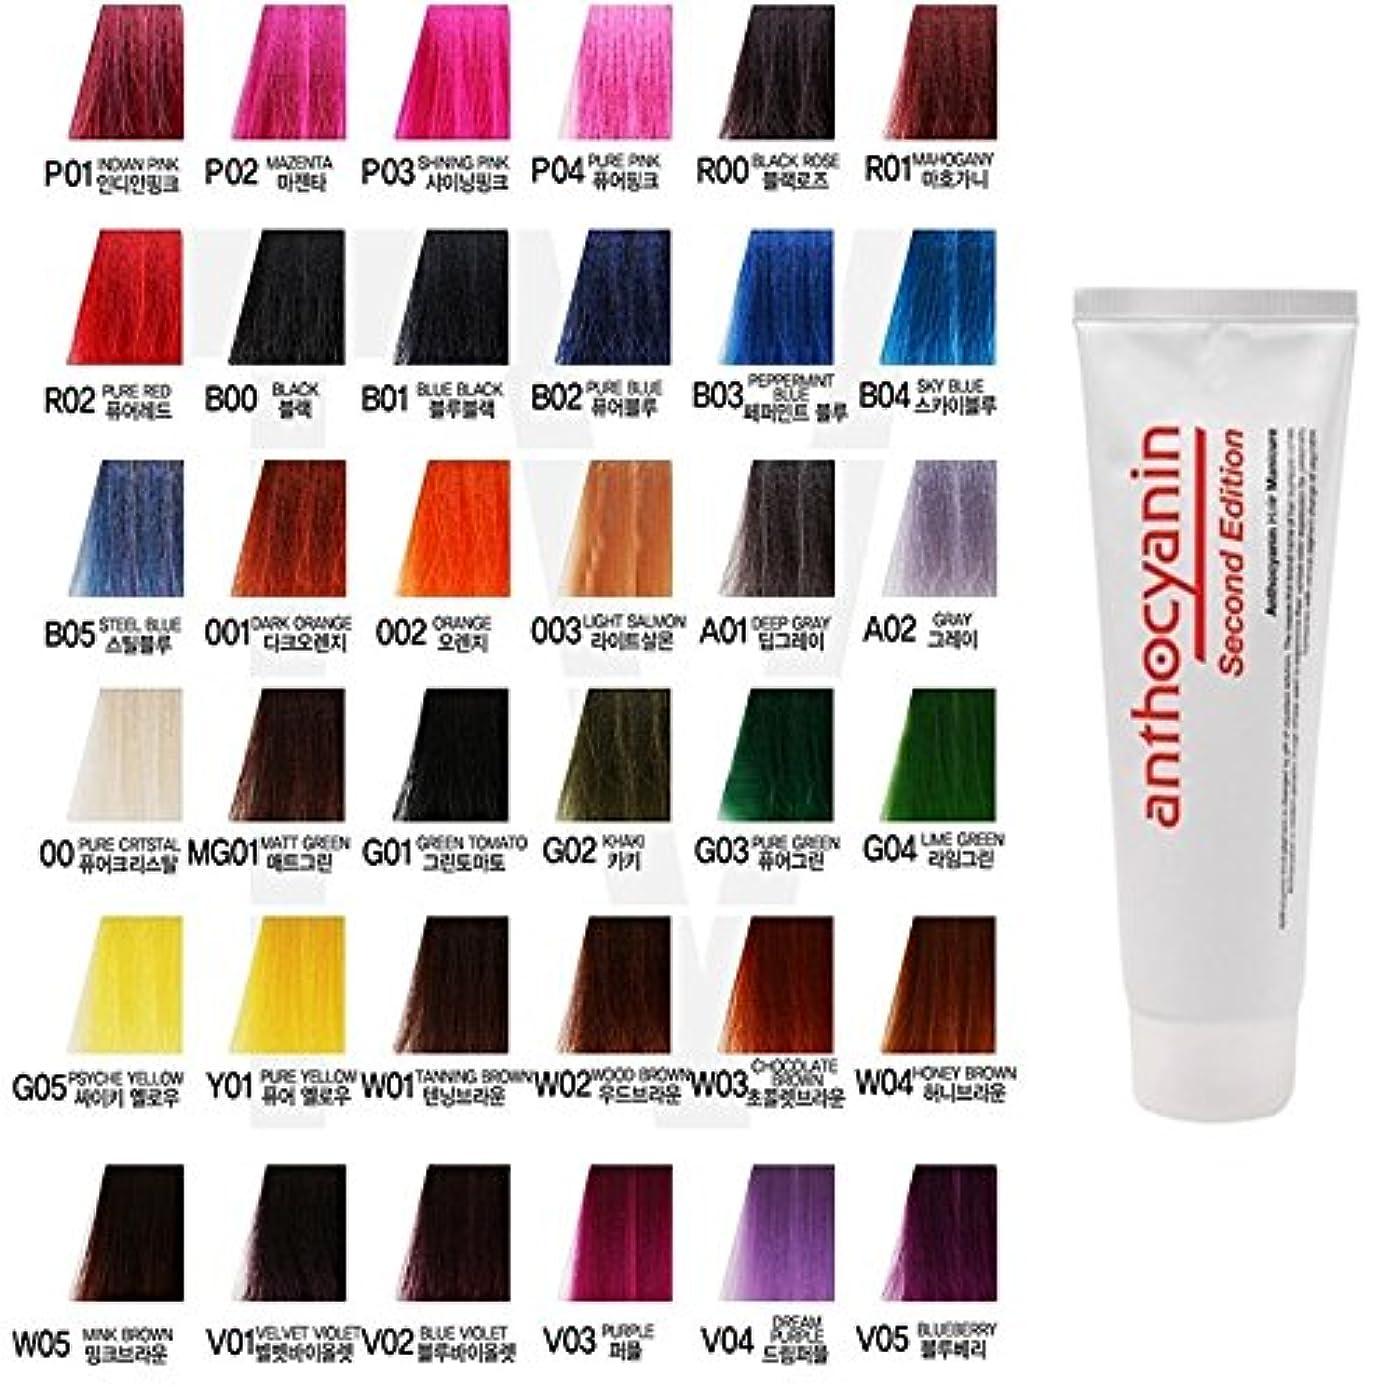 機密エイリアン家主ヘア マニキュア カラー セカンド エディション 230g セミ パーマネント 染毛剤 ( Hair Manicure Color Second Edition 230g Semi Permanent Hair Dye) [並行輸入品] (O12 Coral Orange)